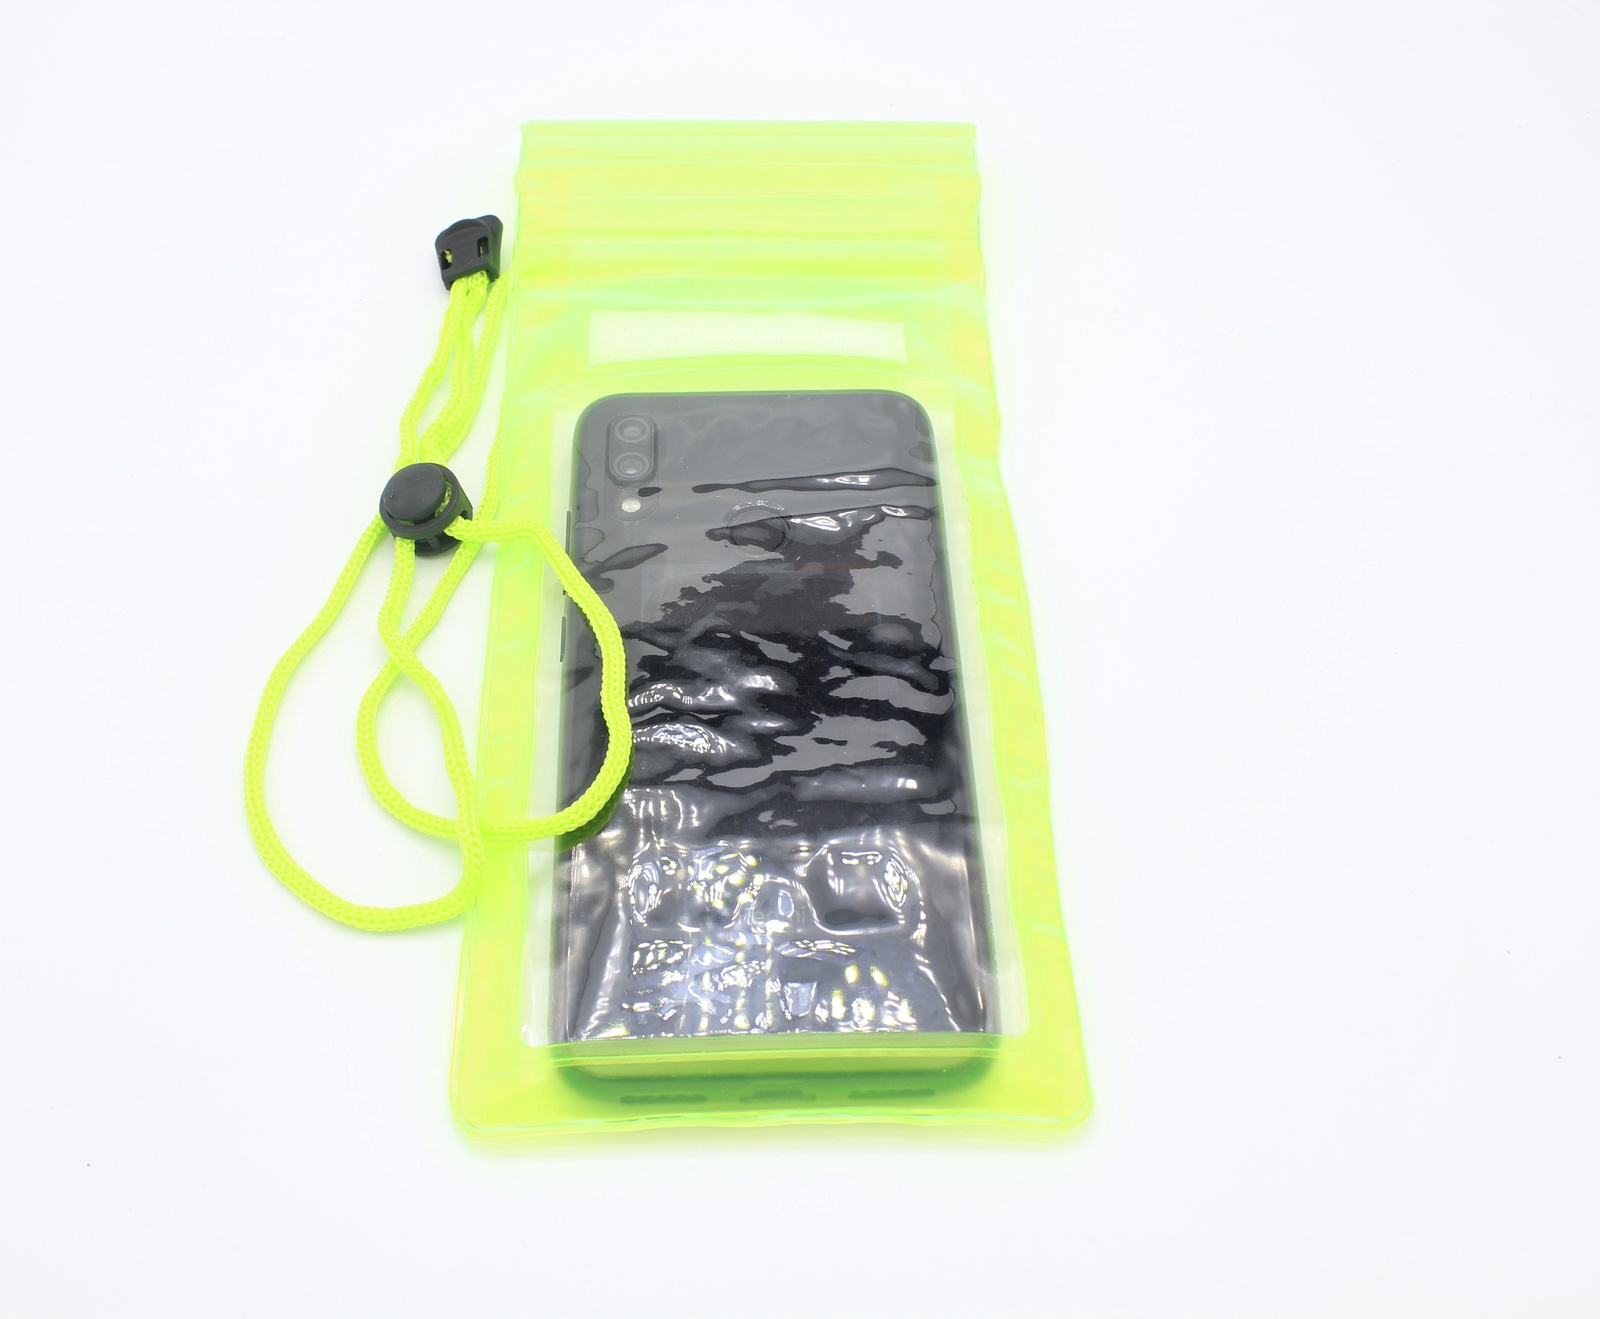 Водонепроницаемый чехол для телефона универсальный без компаса, зеленый водонепроницаемый чехол для телефона цена